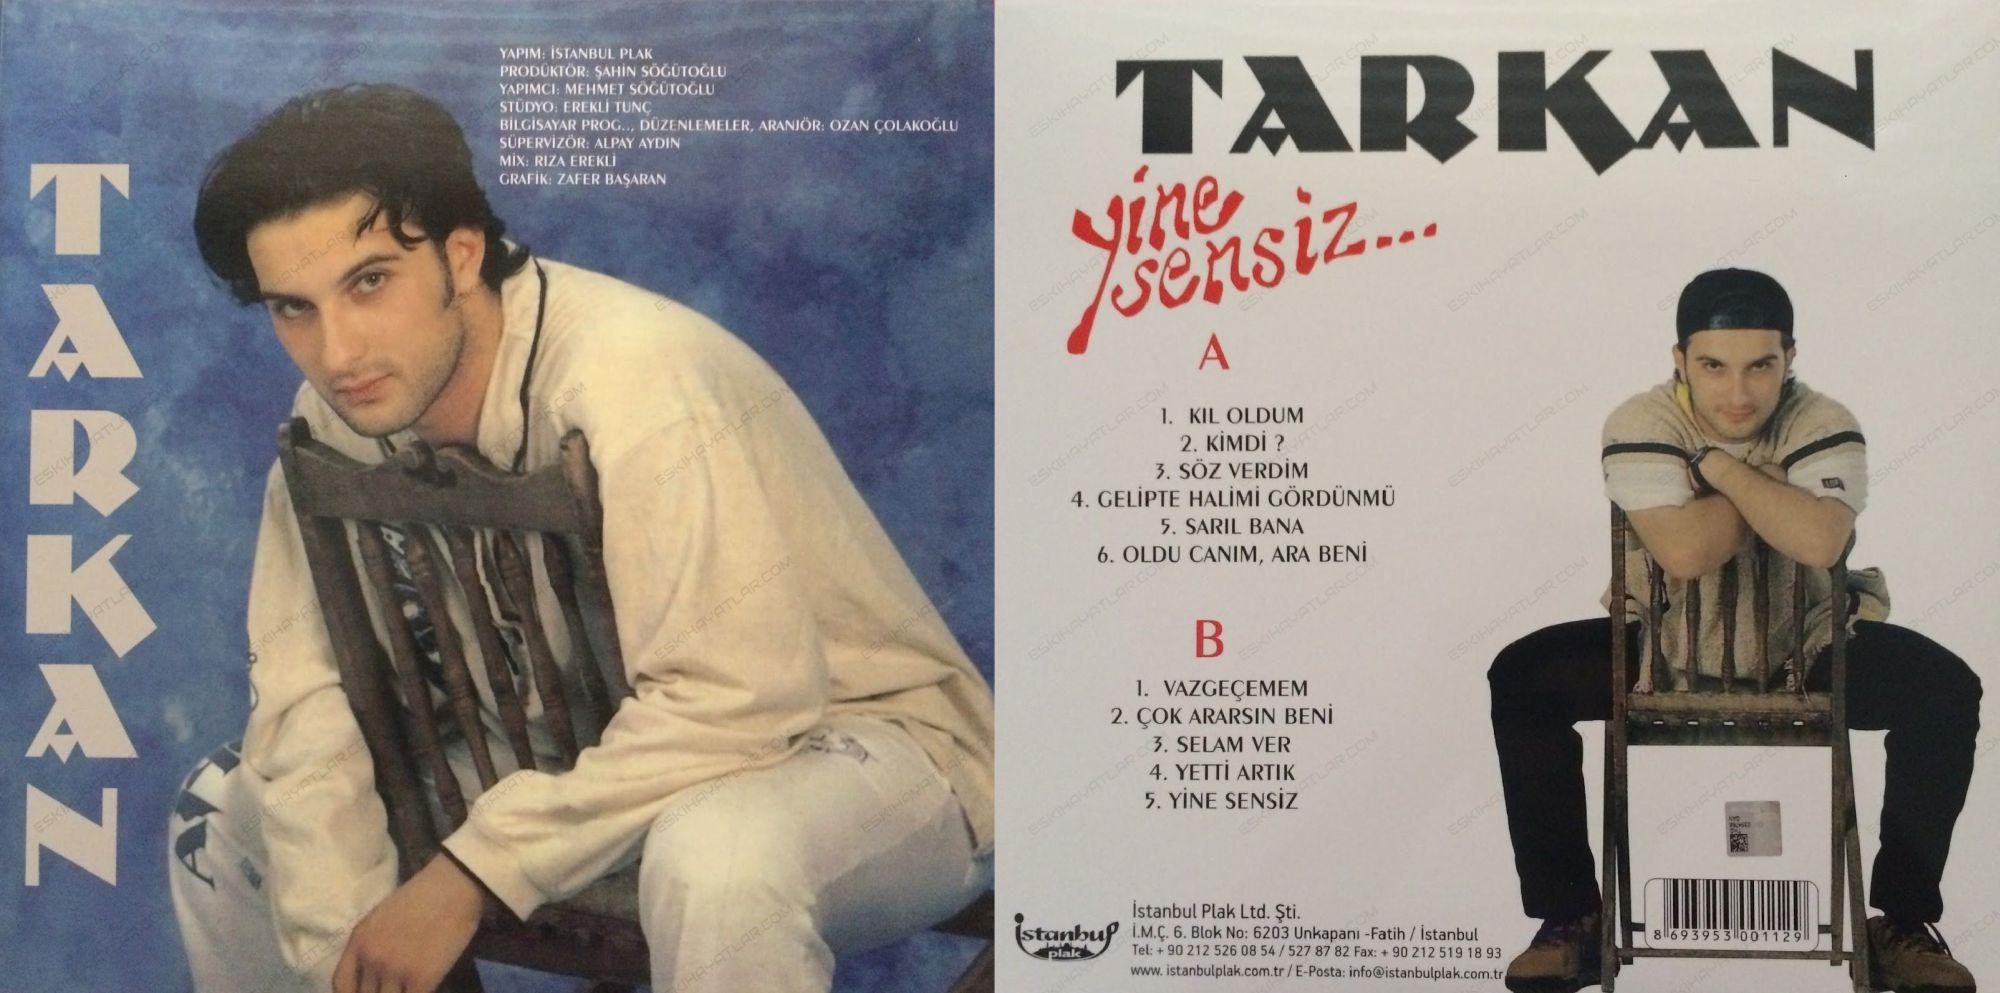 0146-tarkan-tevetoglu-1994-aacayipsin-albumu-nokta-dergisi-yine-sensiz-albumu-doksanlarda-kaset-satin-almak (3)